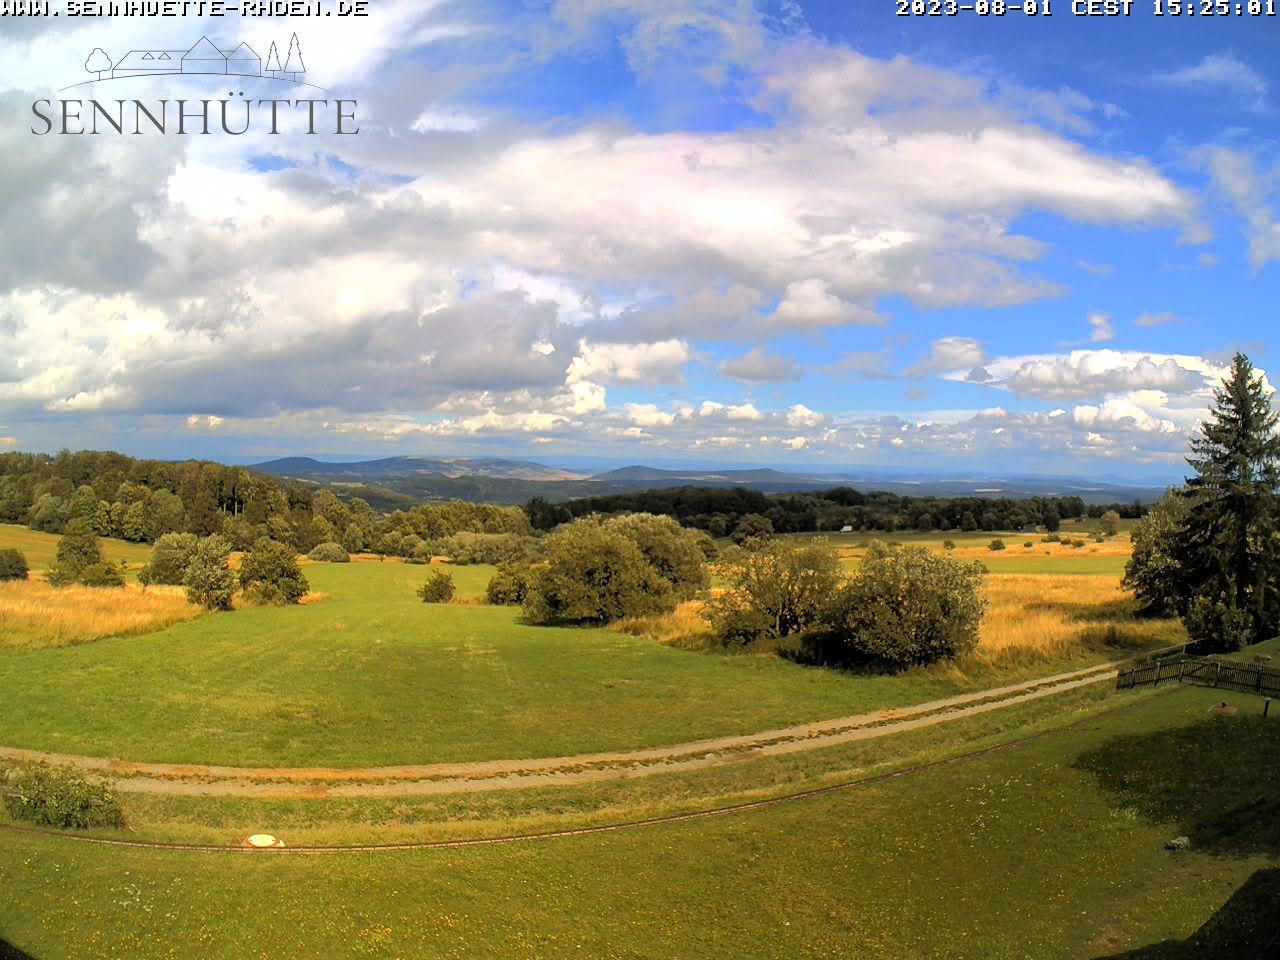 Webcam Sennhütte